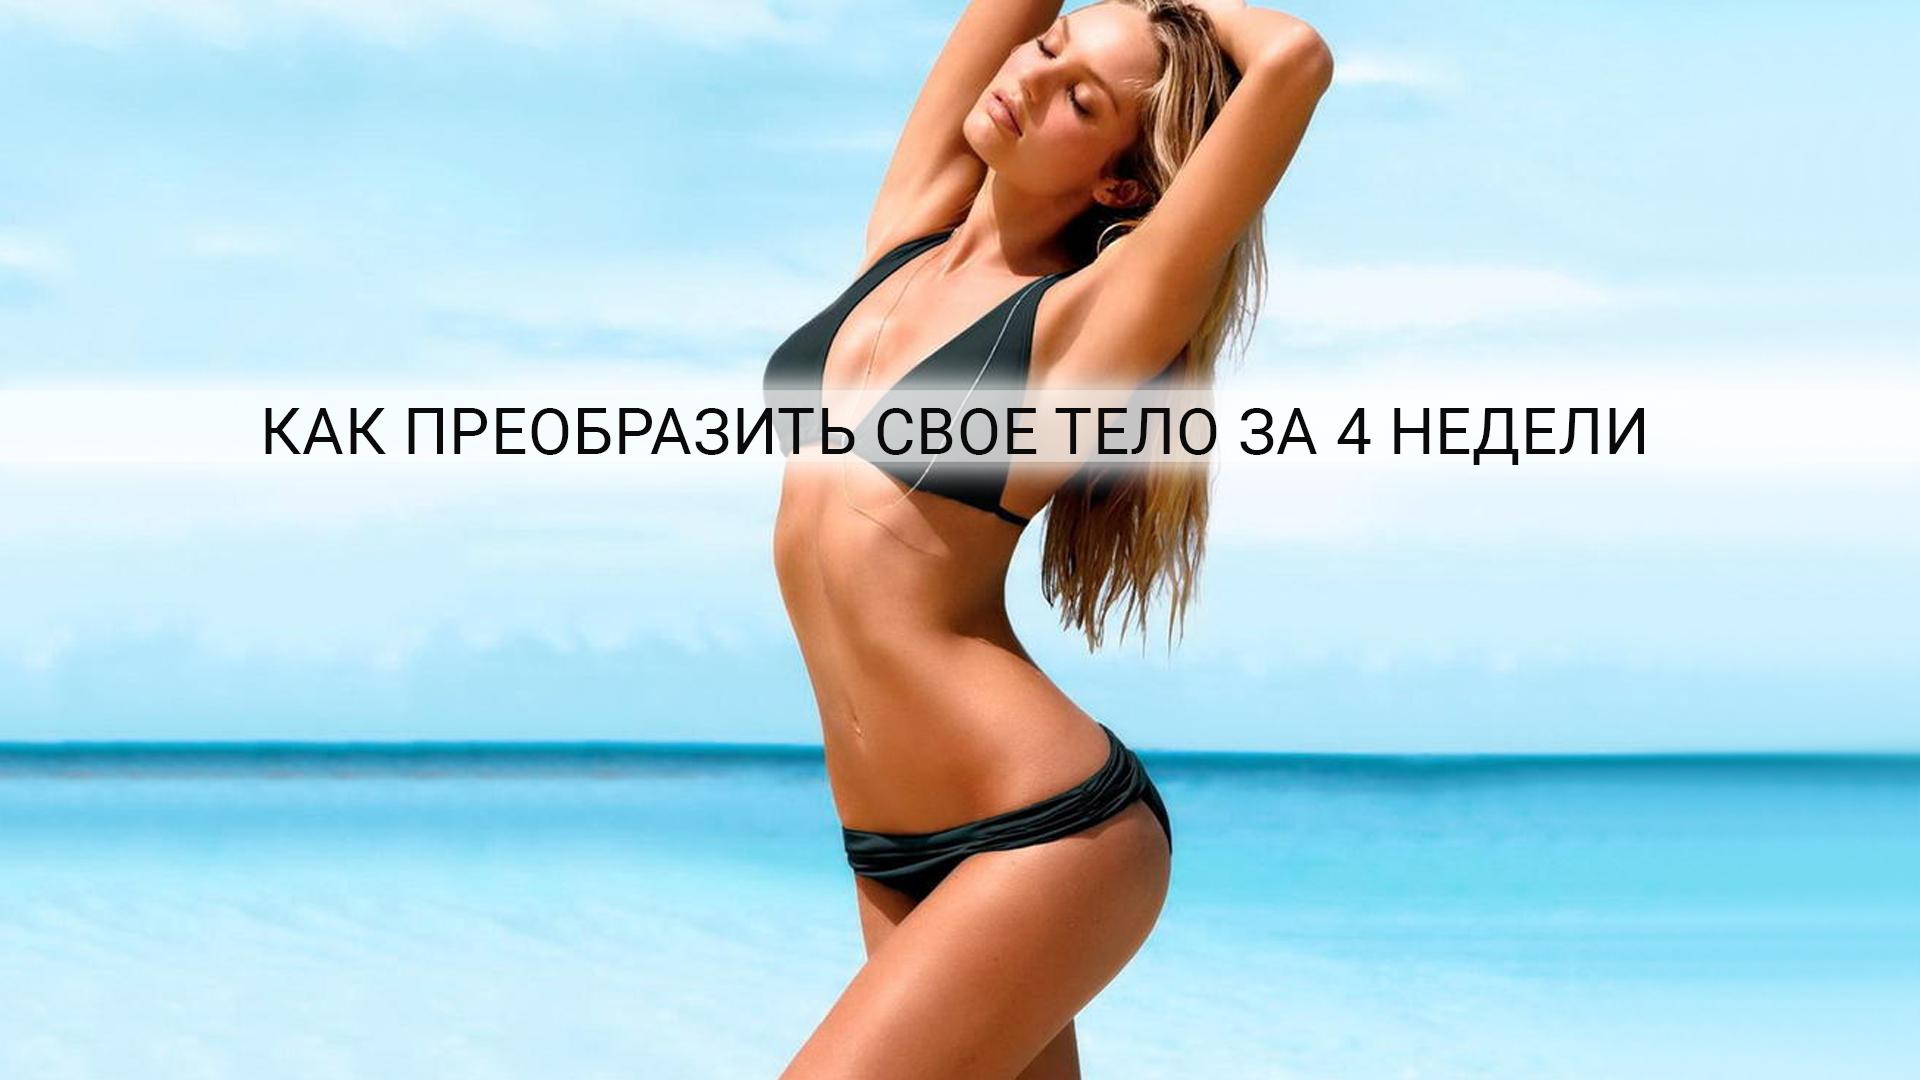 Программа фитнес тренировка